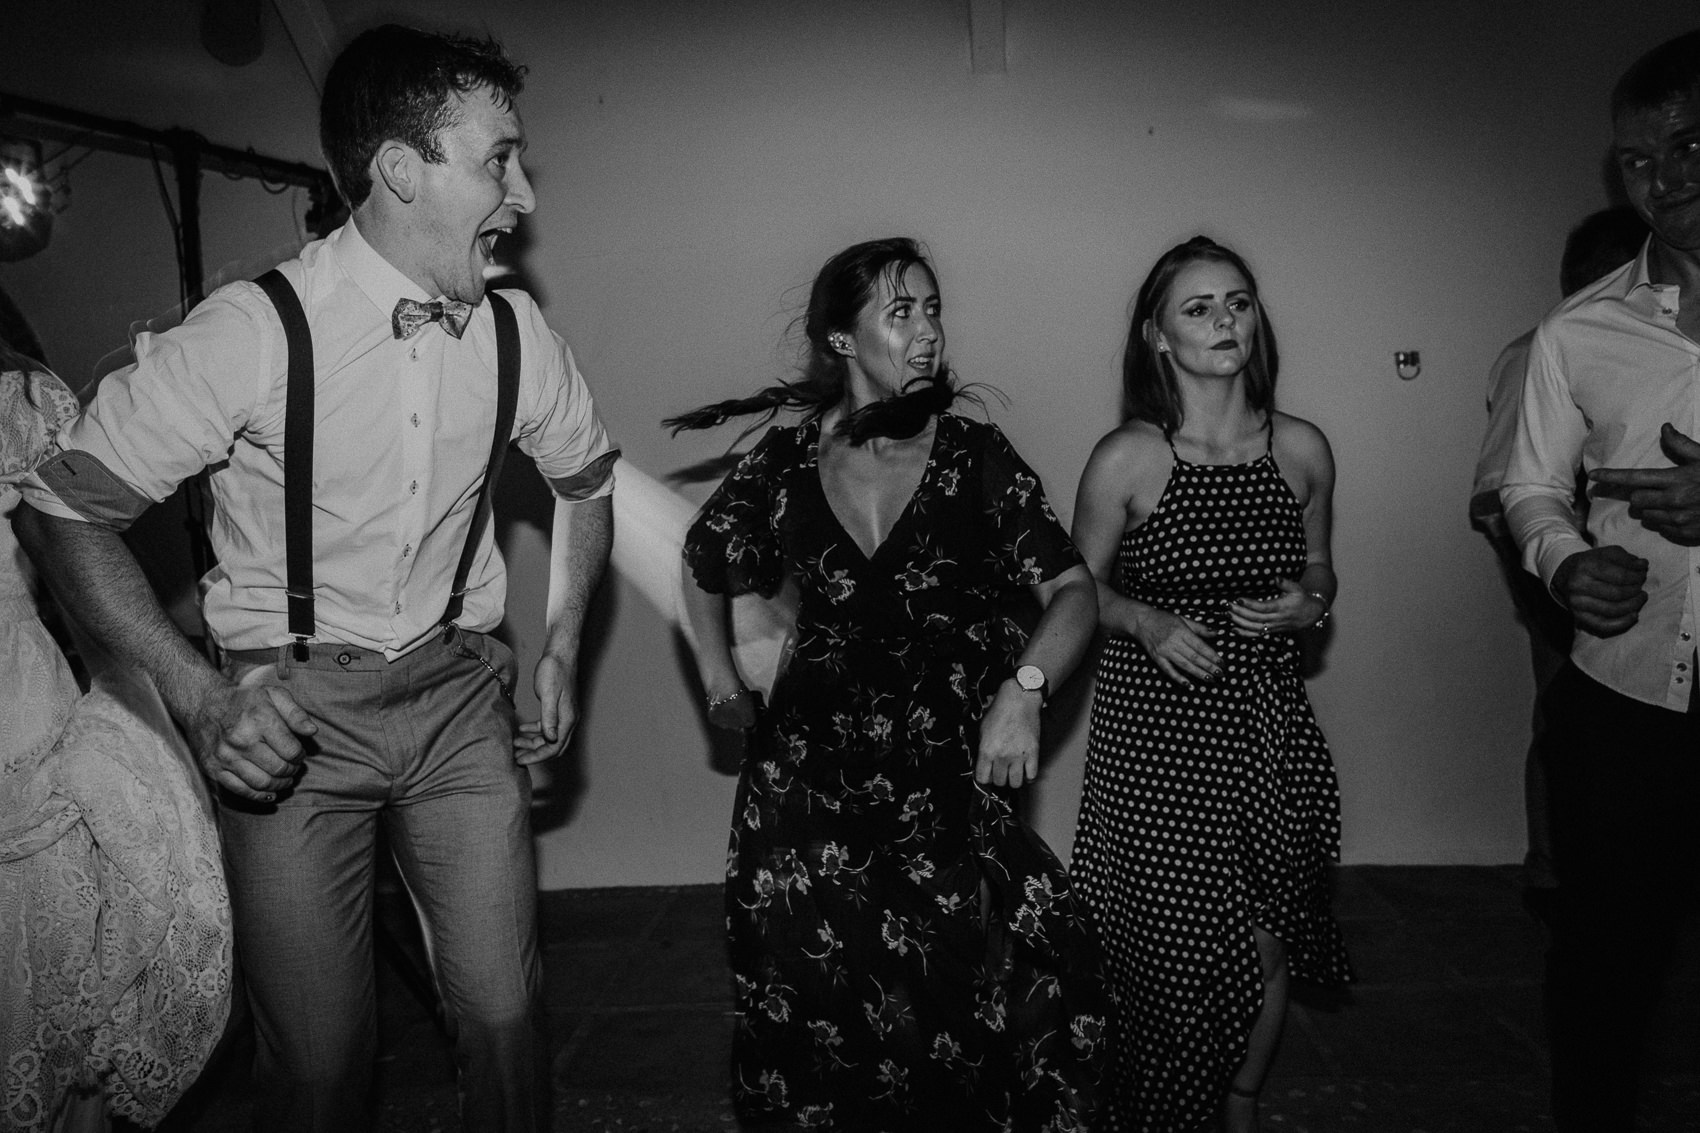 Sarah & Bill | Summer wedding at Cortijo Rosa Blanca | Marbella - Spain 174